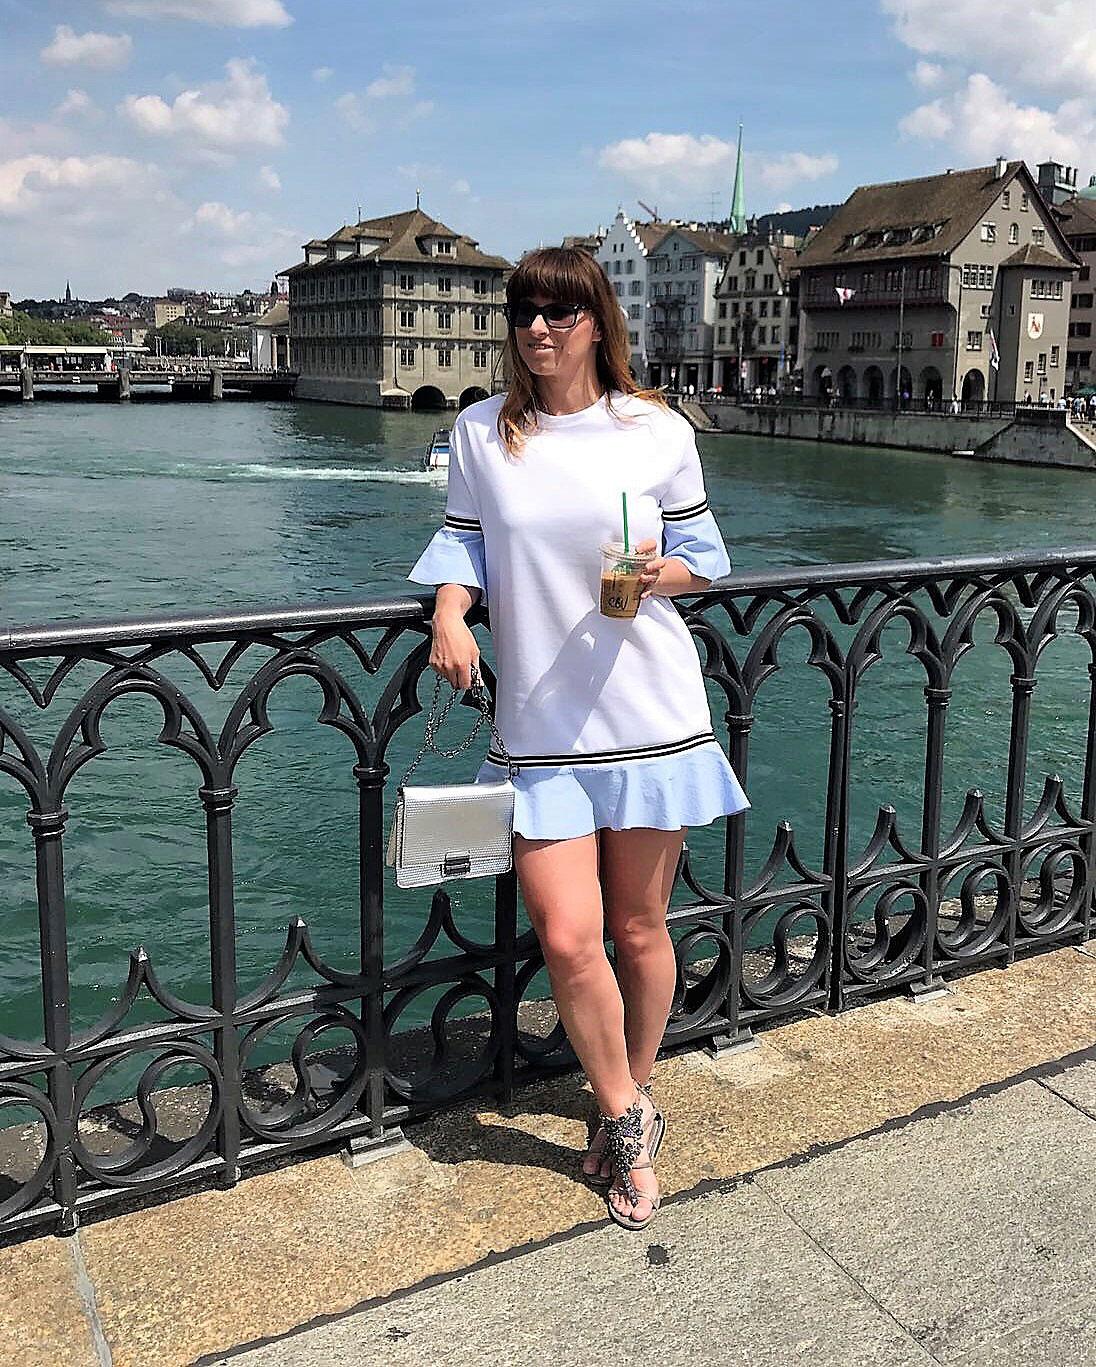 Volants: Weisses Minikleid mit hellblauen Volants von Zara, silberne metallic SkinnyDip-Tasche